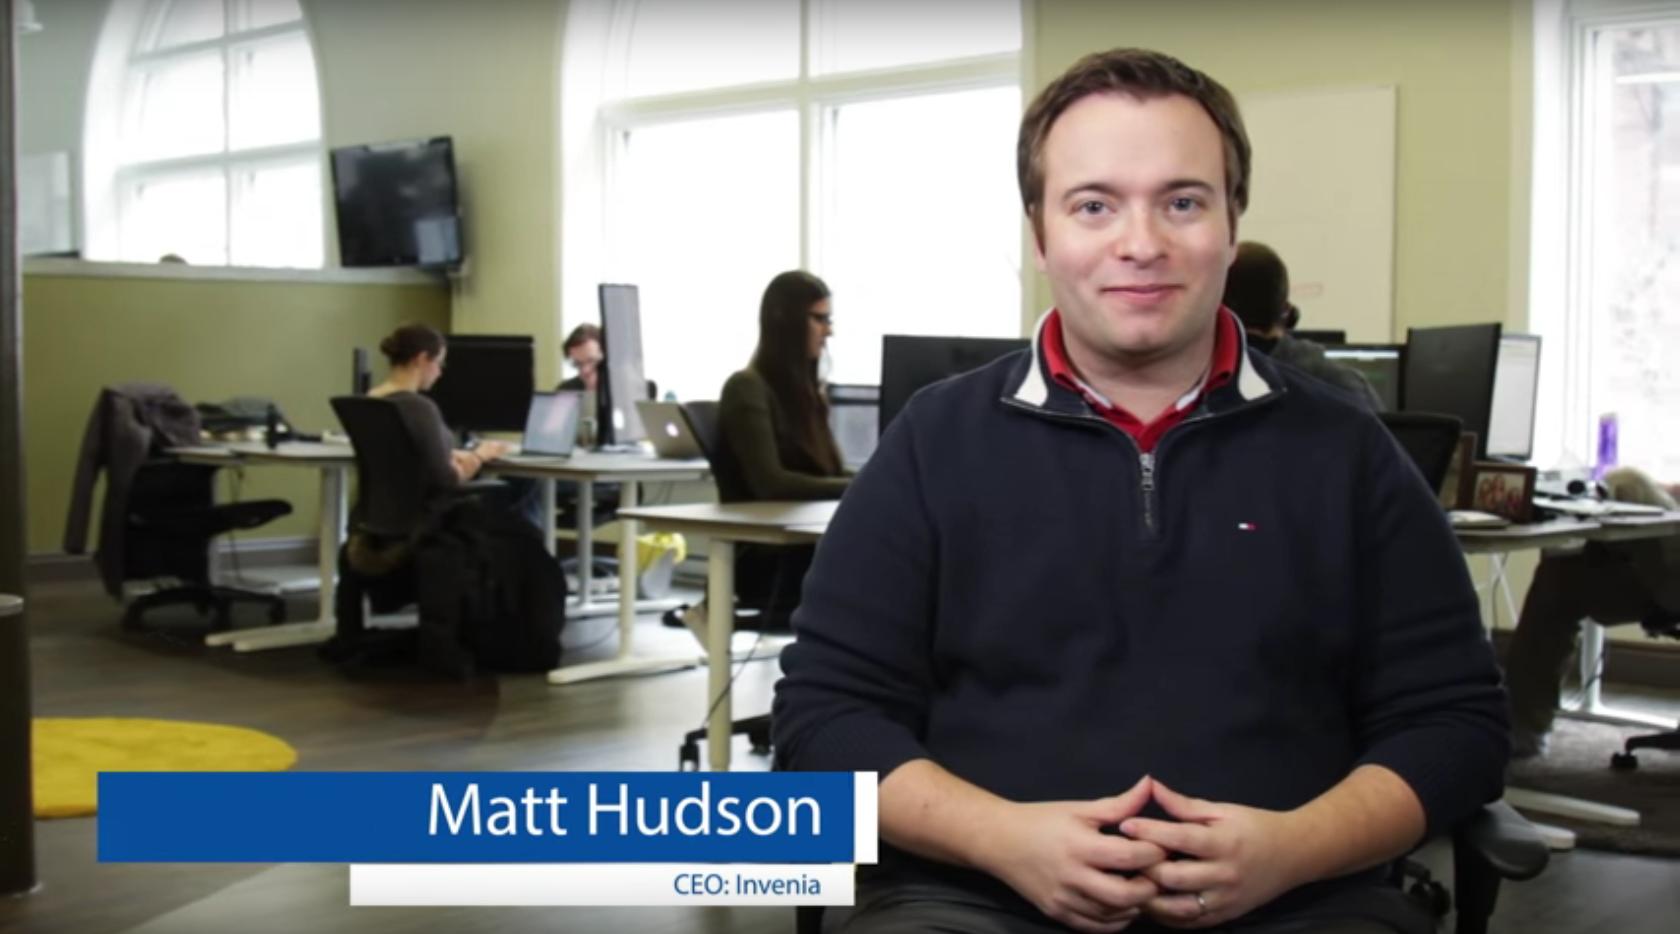 Matt Hudson, CEO of Invenia in Winnipeg, Manitoba